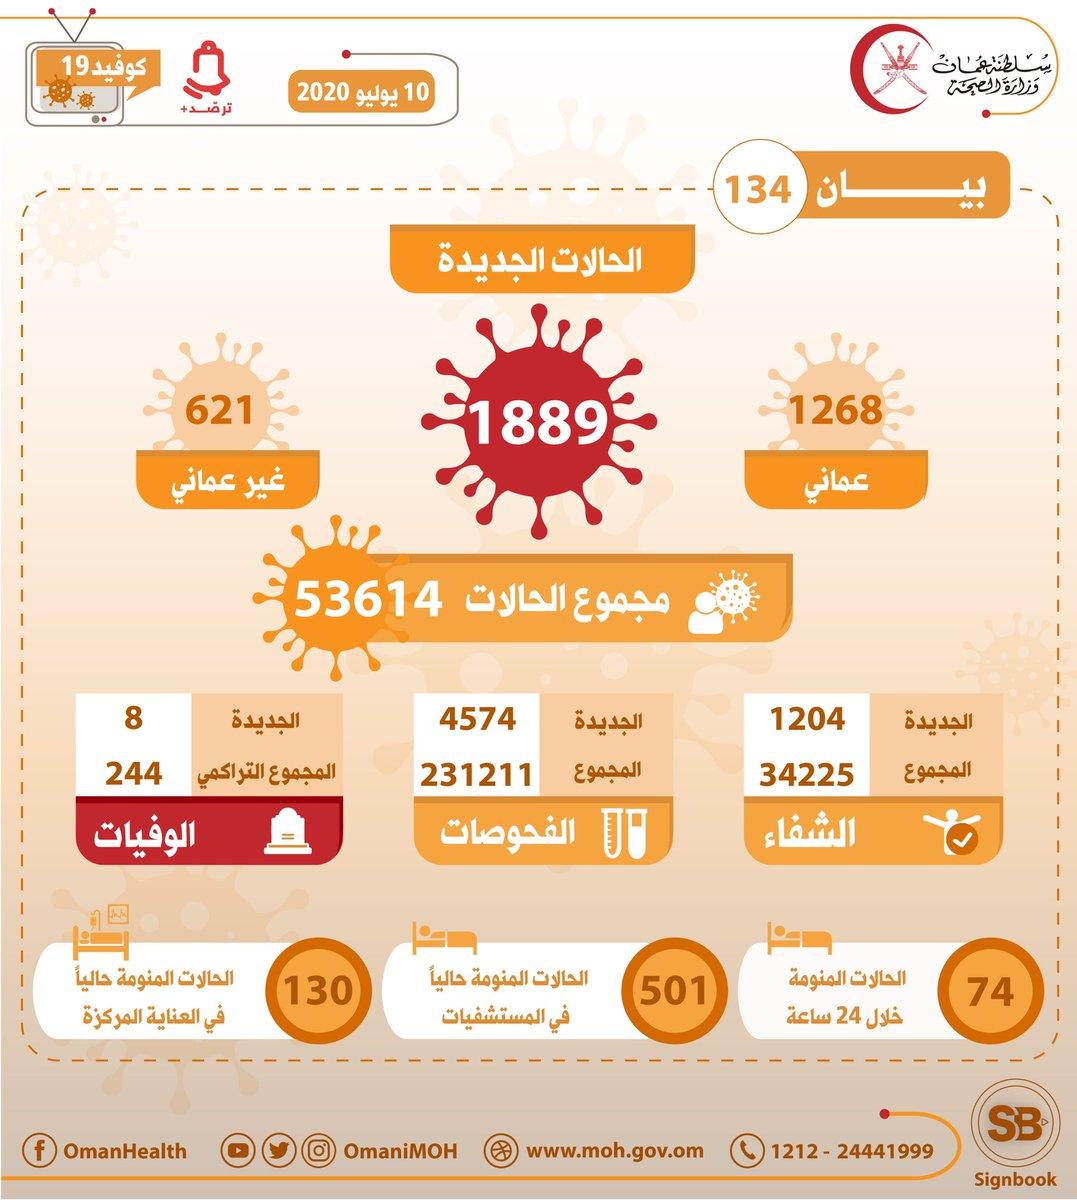 تعلن #وزارة_الصحة عن تسجيل (1889)  حالة إصابة جديدة بمرض فيروس كورونا #كوفيد_١٩، منها (1268) حالة لعمانيين،  (621) حالة لغير عمانيين   #عمان_تواجه_كورونا  #كوفيد١٩ https://t.co/6S4ObI5AxV